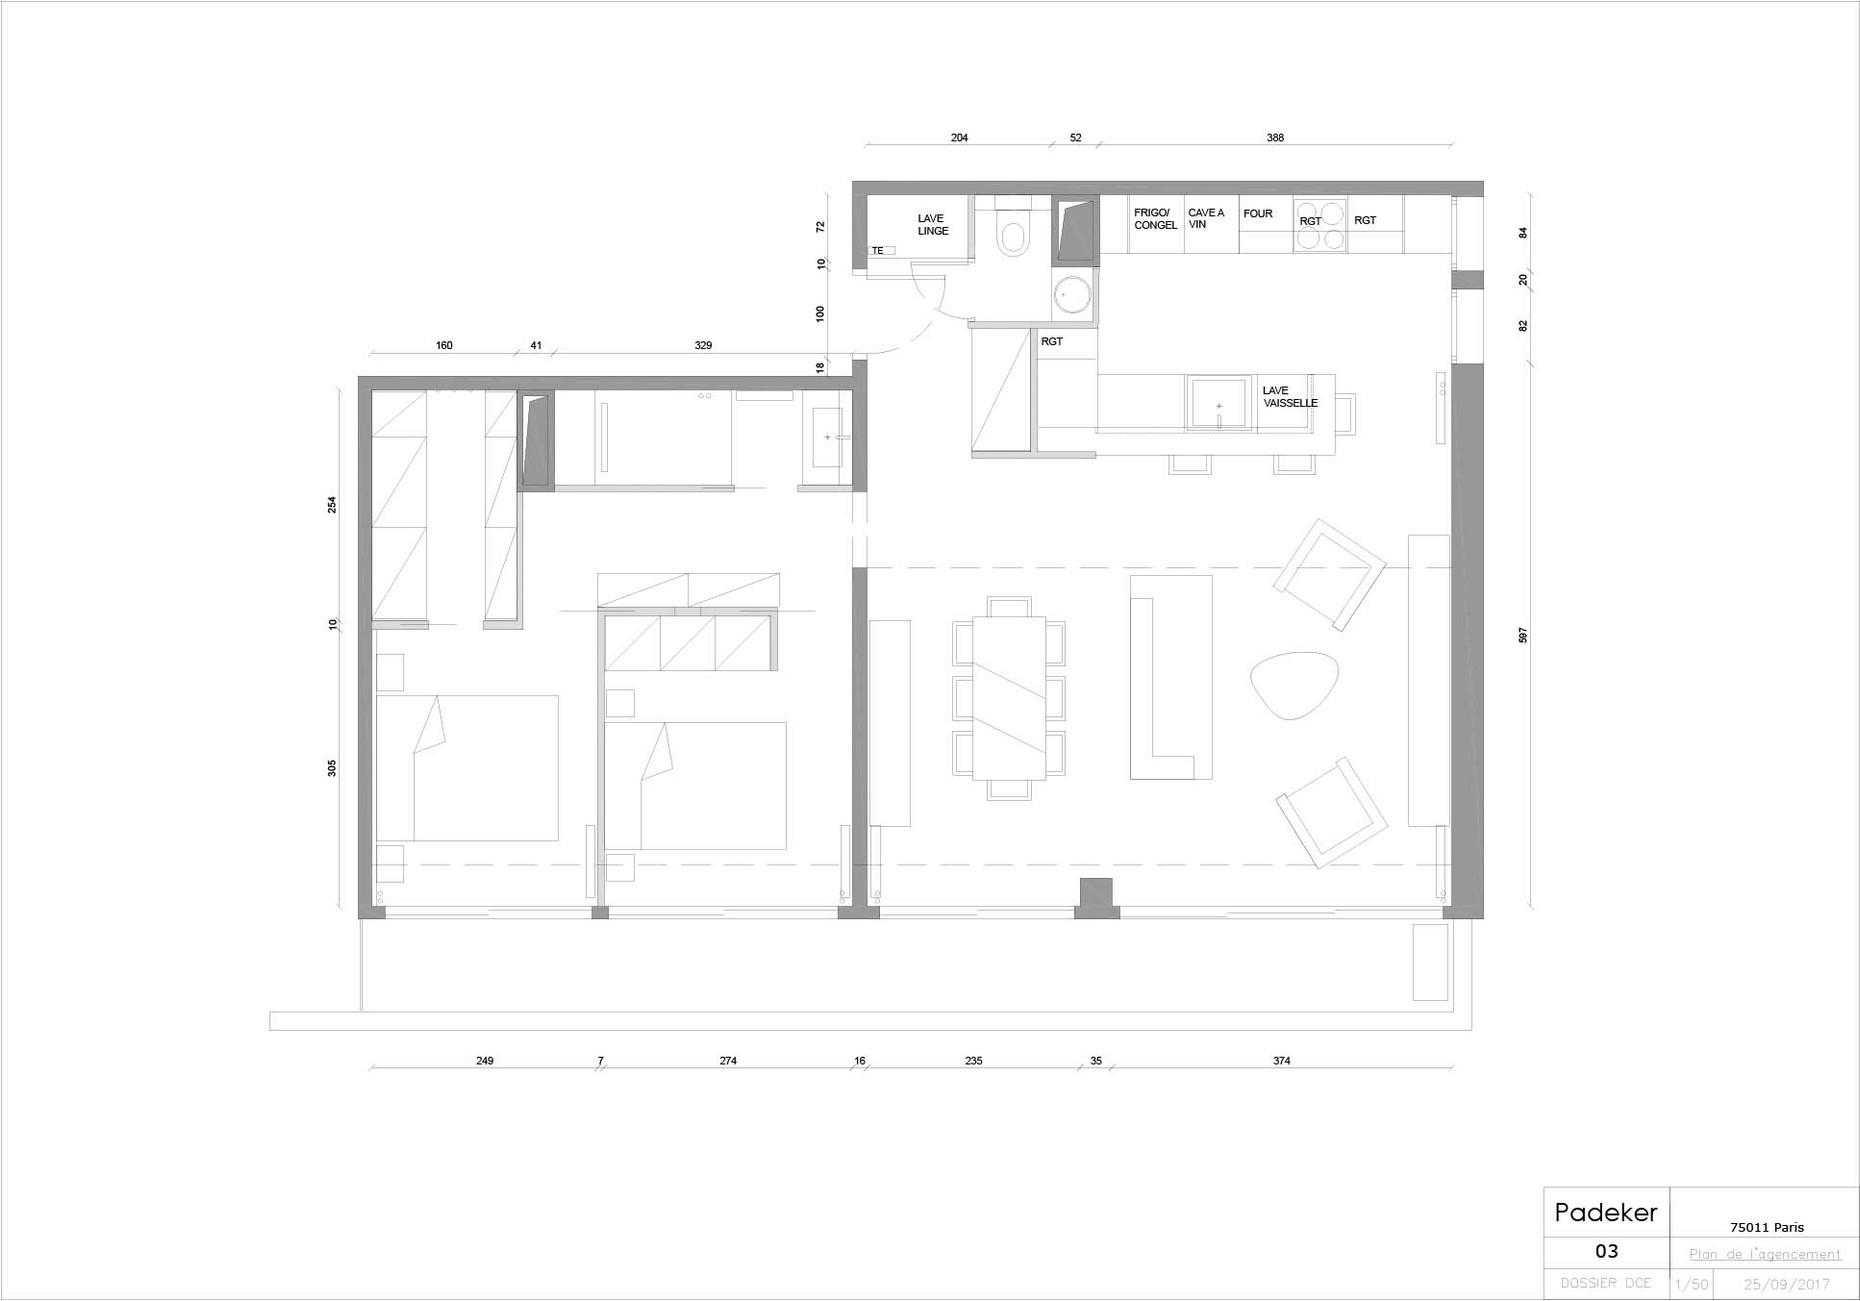 170925 Projet Roquette 03 Plan agencemen